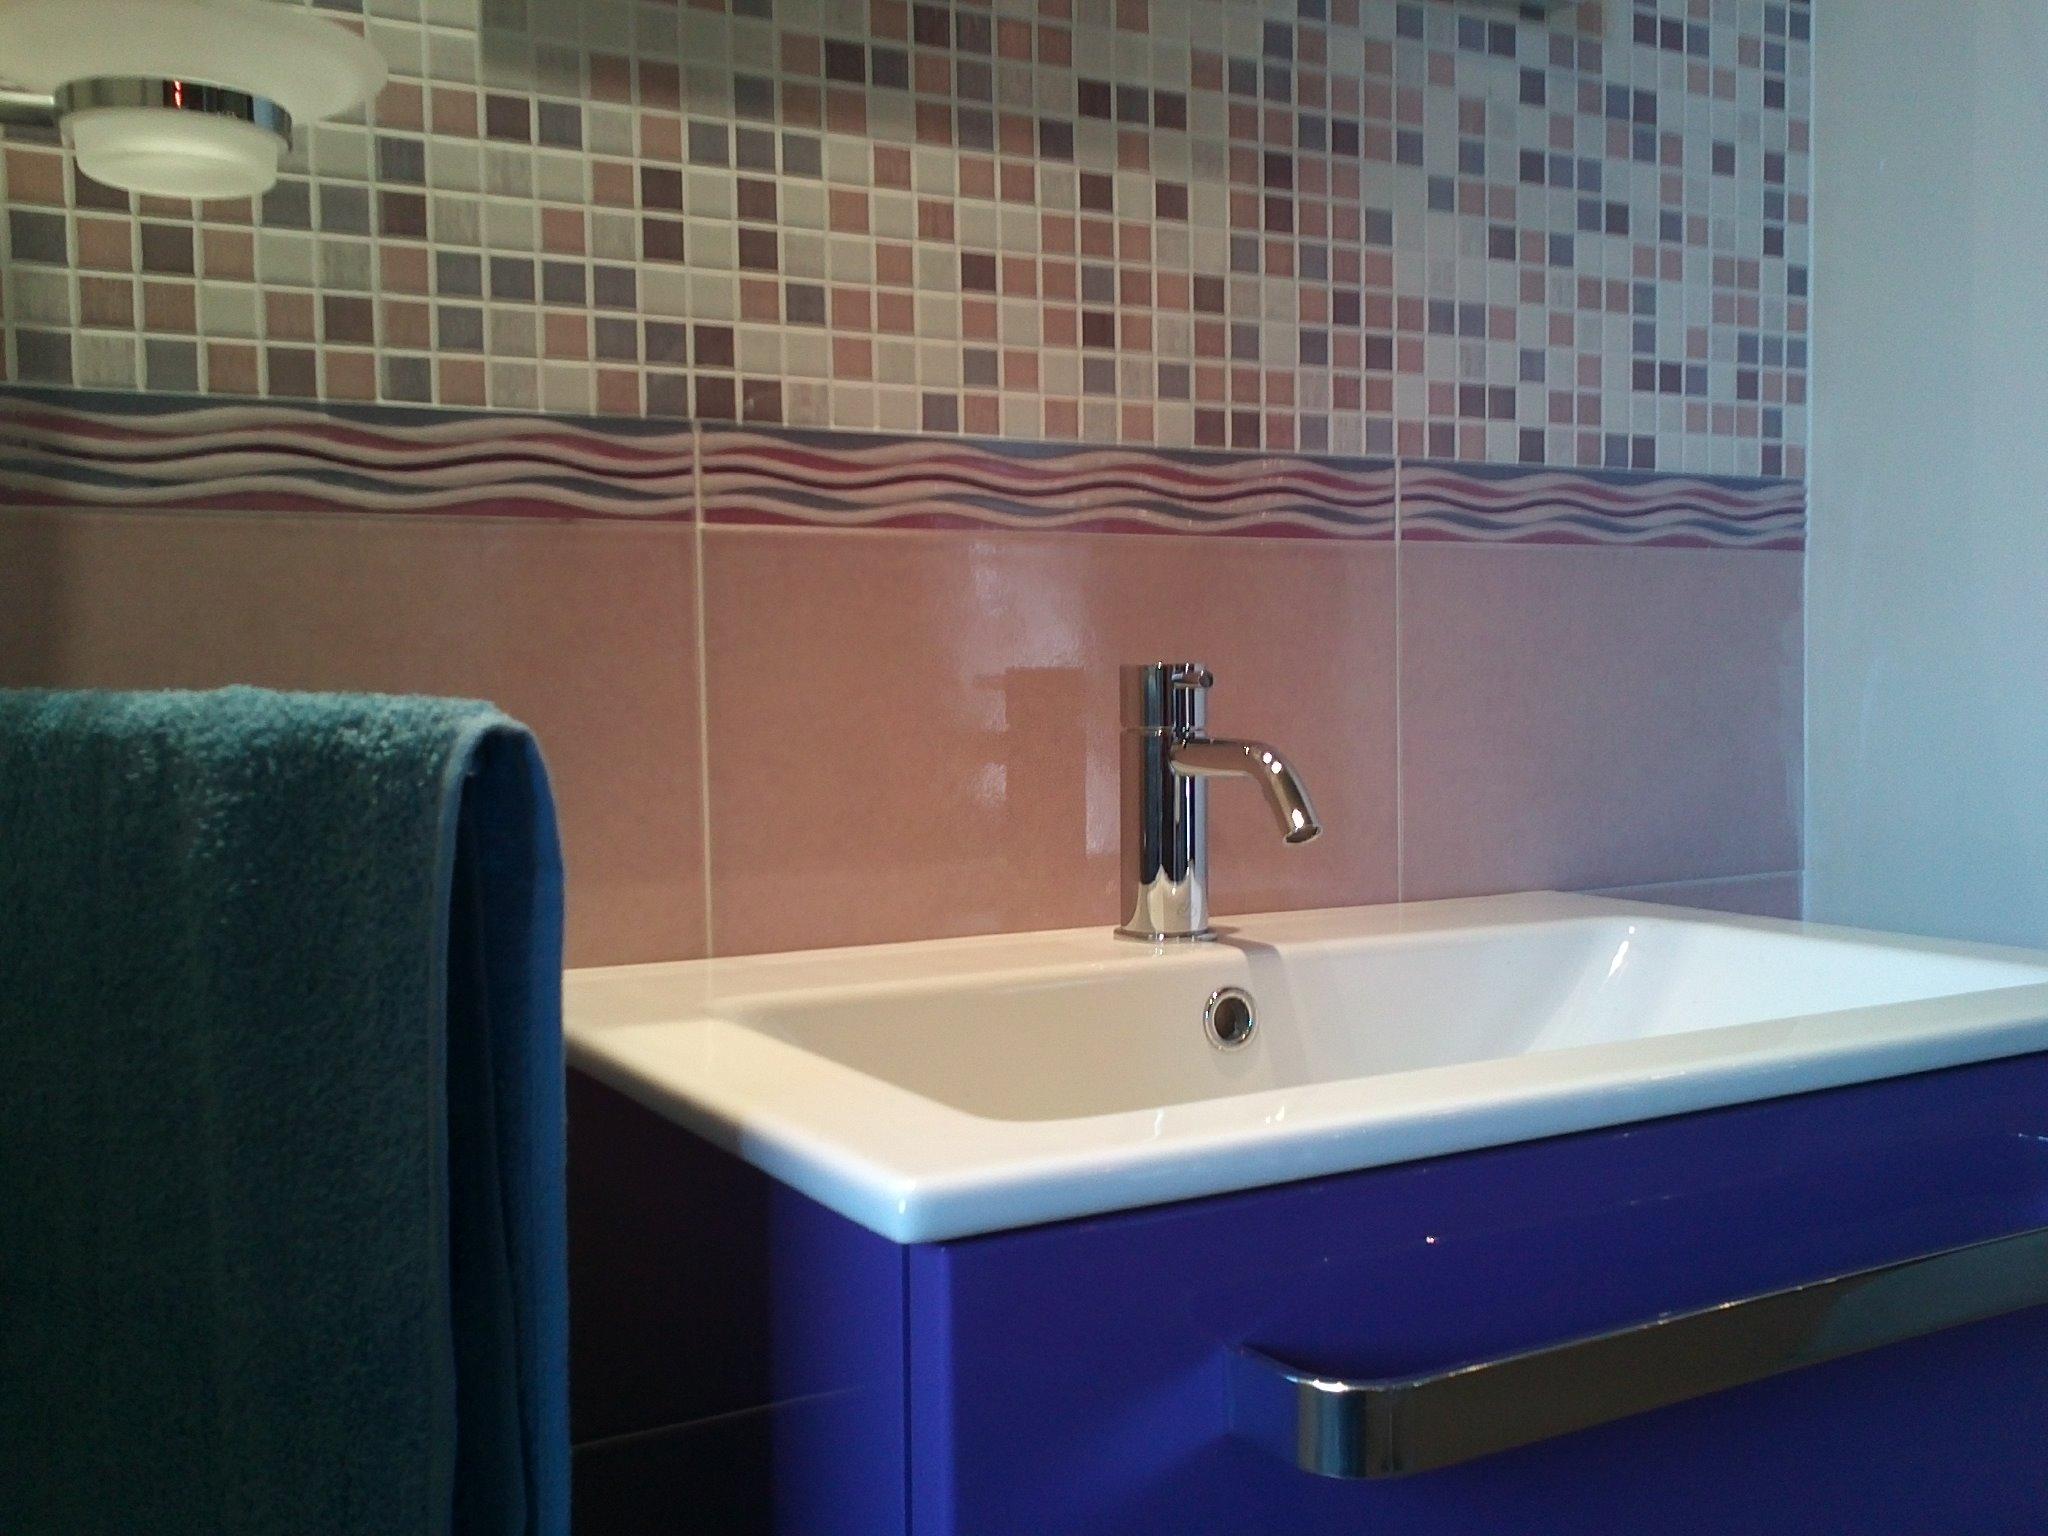 Vasca Da Bagno In Spagnolo : Vasche da bagno centro stanza